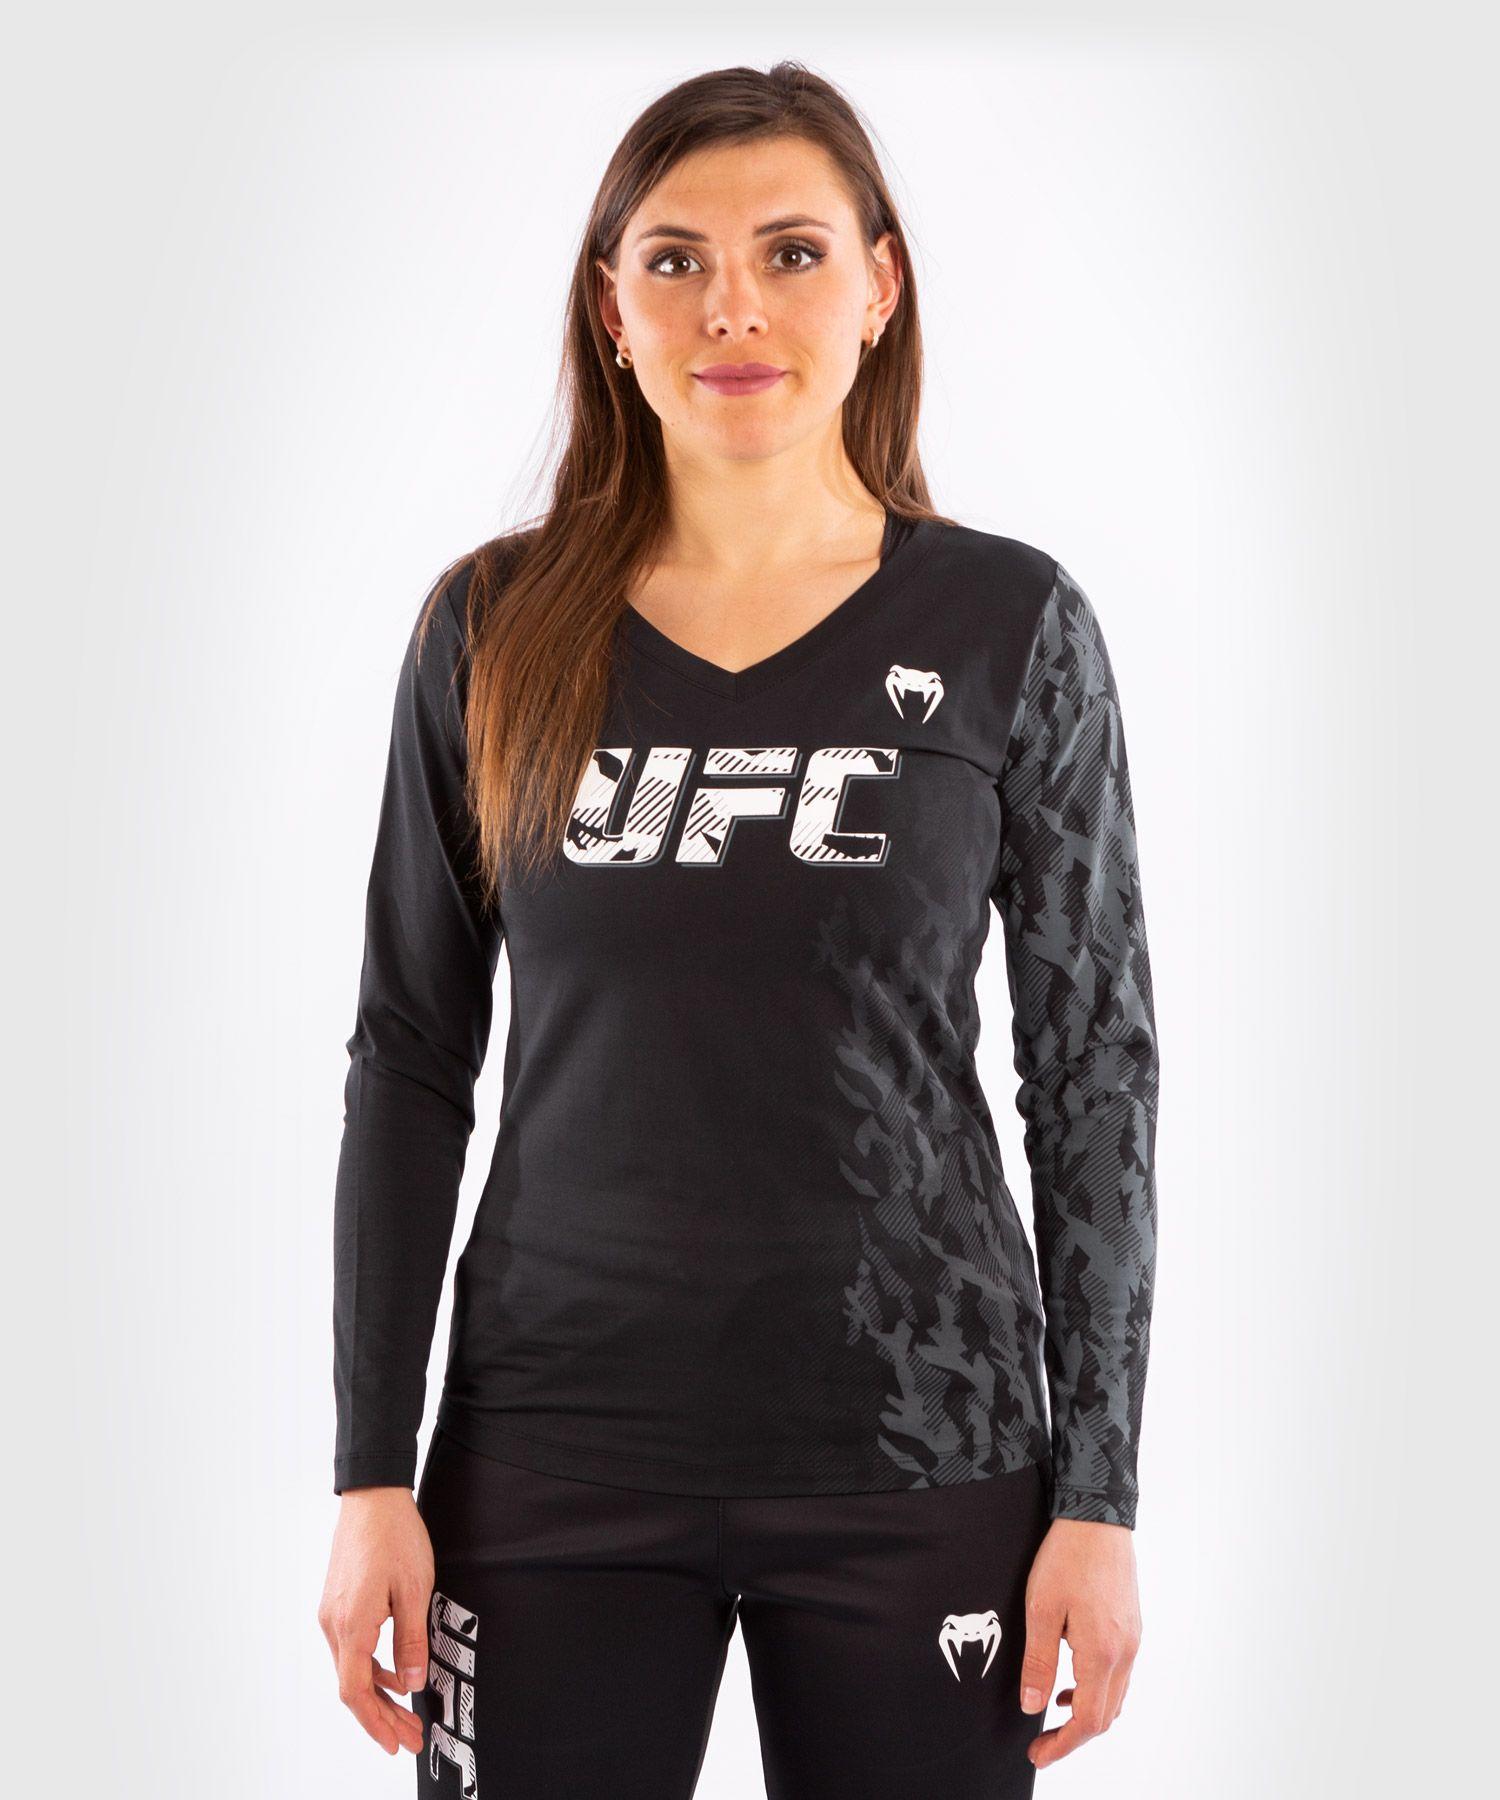 T-shirt Manches Longues Femme UFC Venum Authentic Fight Week - Noir